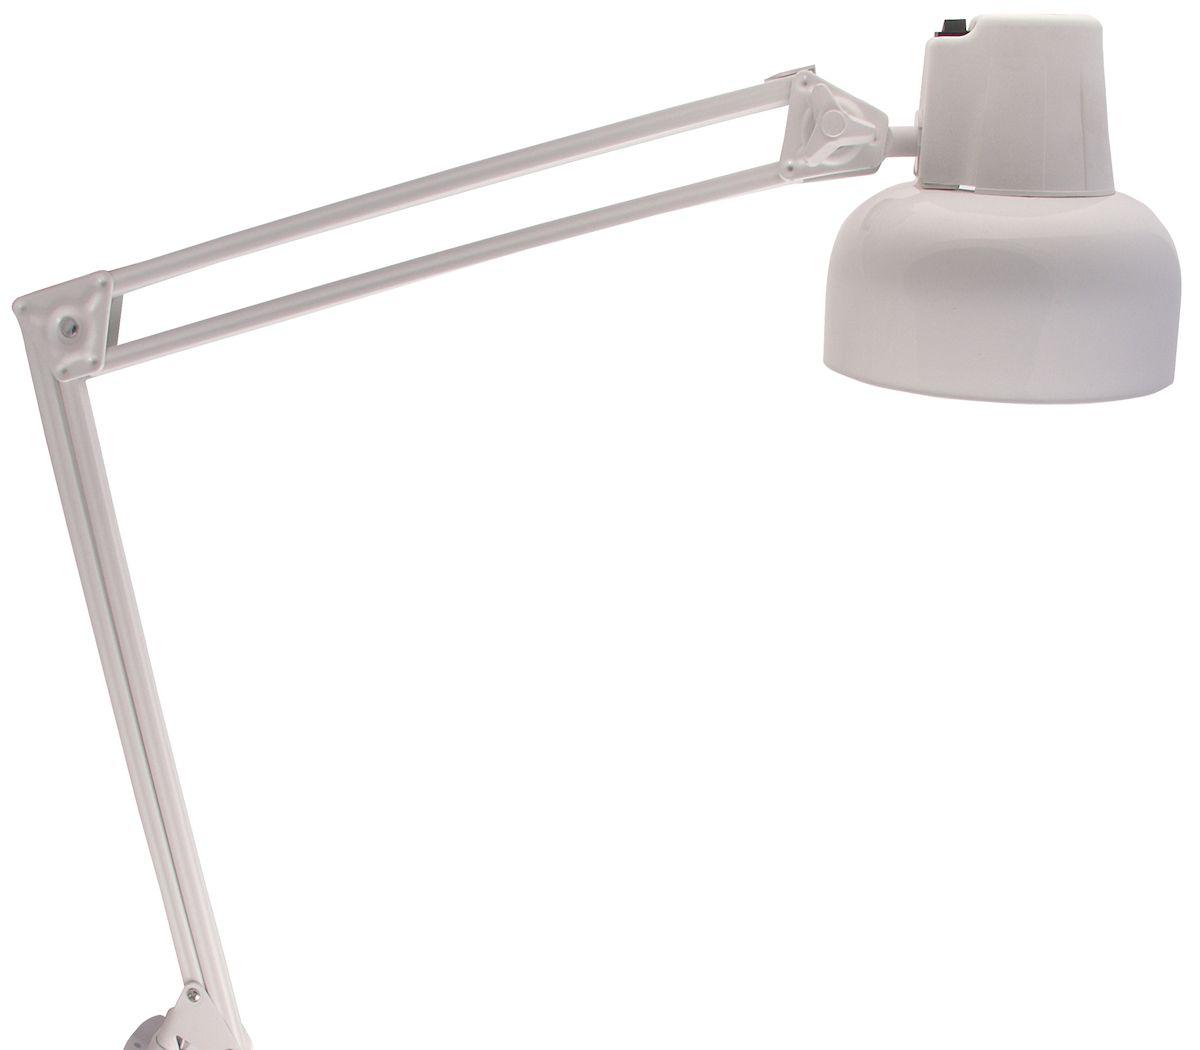 Светильник Трансвит Бета, на струбцине, Е27, 60W4607053880243Светильник рассчитан на лампы накаливания с цоколем Е27 (лампа в комплект не входит). Многозвенная шарнирная конструкция плафона позволяет установить его в удобное для пользователя положение. Выключатель расположен на плафоне светильника. Осветительный прибор предназначен для закрытых сухих помещений - жилых квартир, офисов, производственных мастерских. Фиксацию обеспечивает металлическая струбцина, которая крепится к любому краю стола или стеллажа.